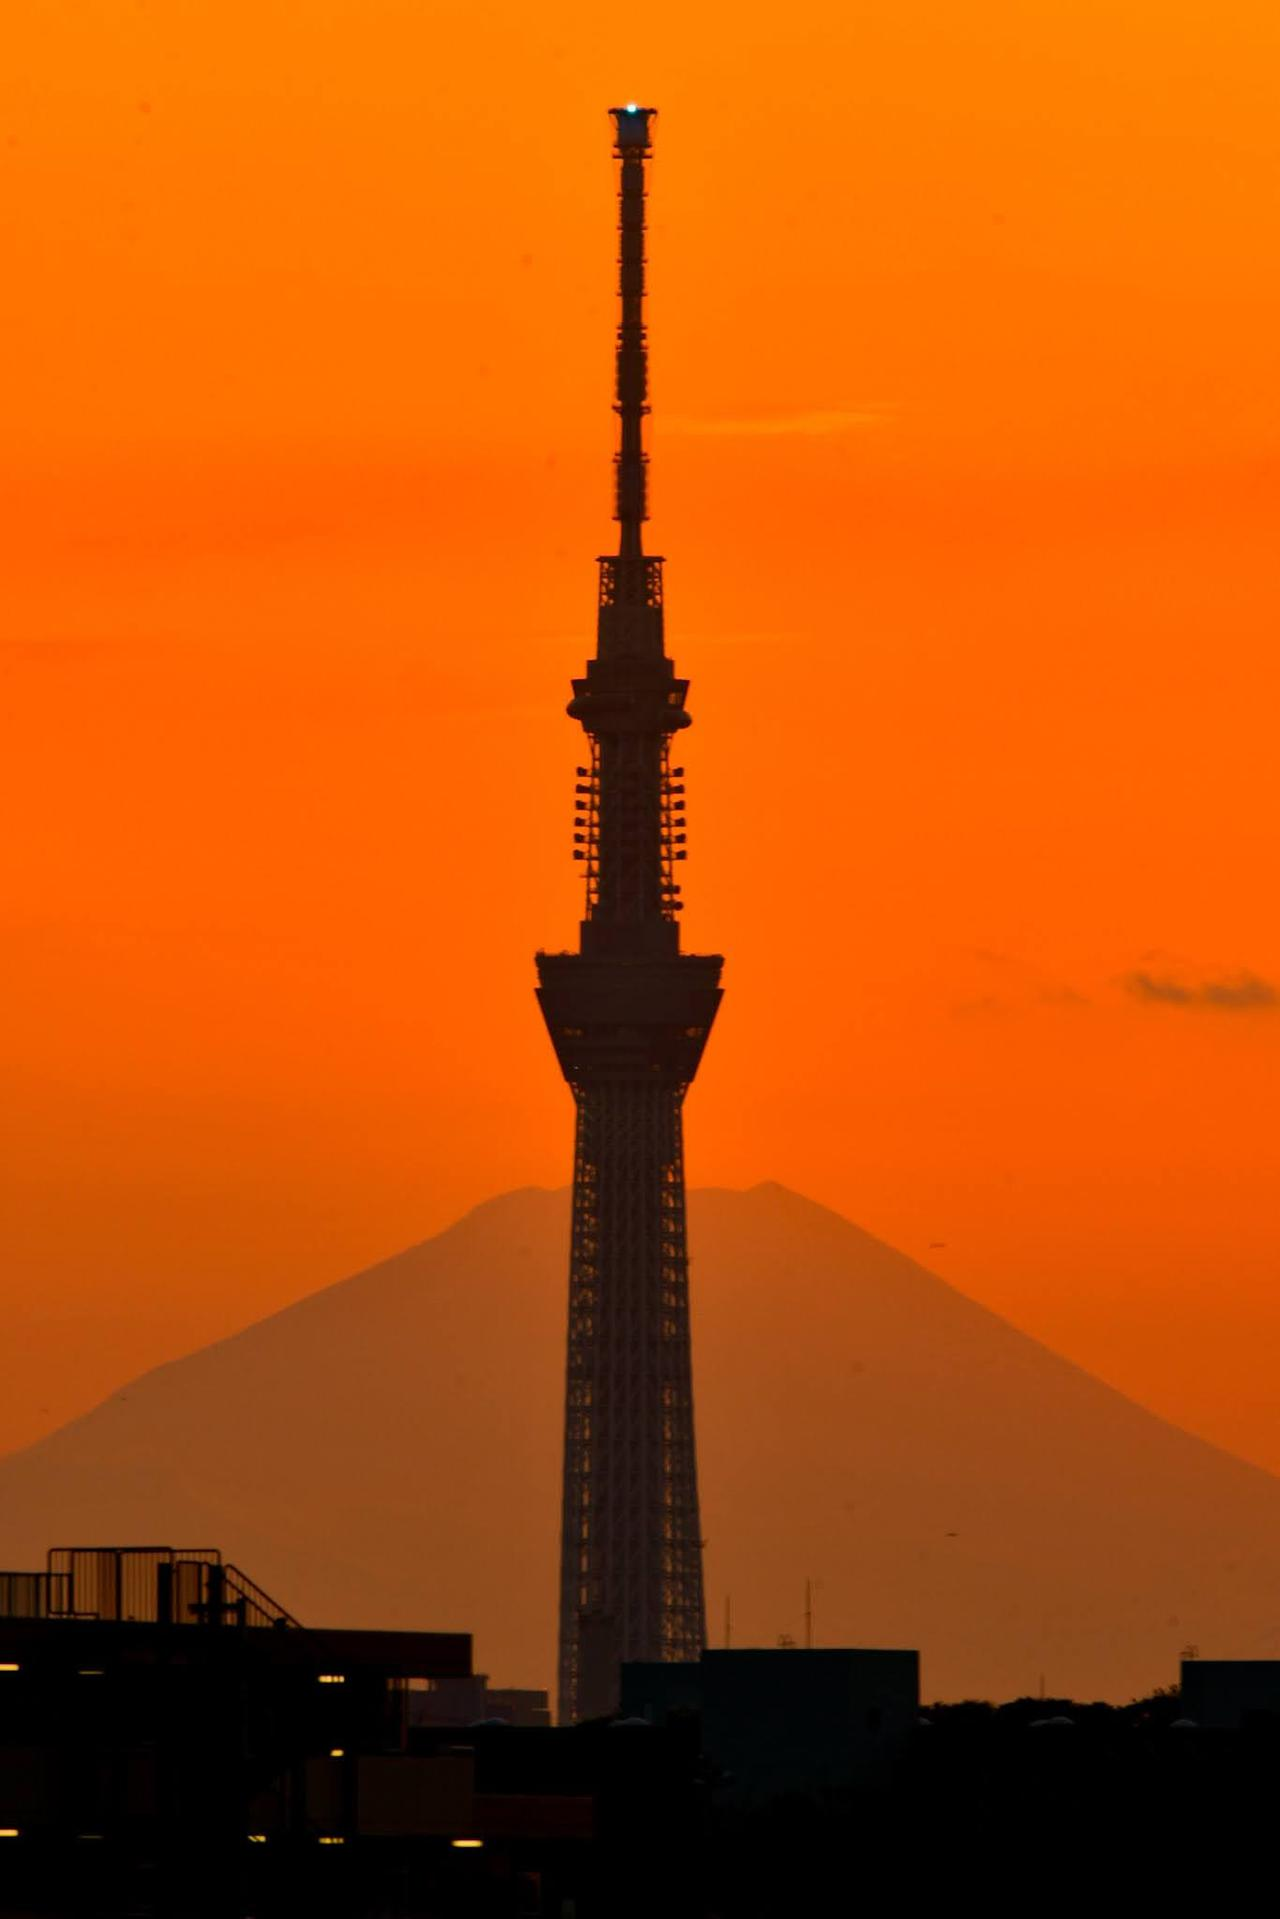 画像: 富士山と重なるスカイツリー(スタッフ撮影) Twitterではツアーの先行発表やスタッフが撮影した写真の紹介など、様々な情報を発信しております。 ↓下記URLより是非フォローしてご覧下さい!↓ twitter.com